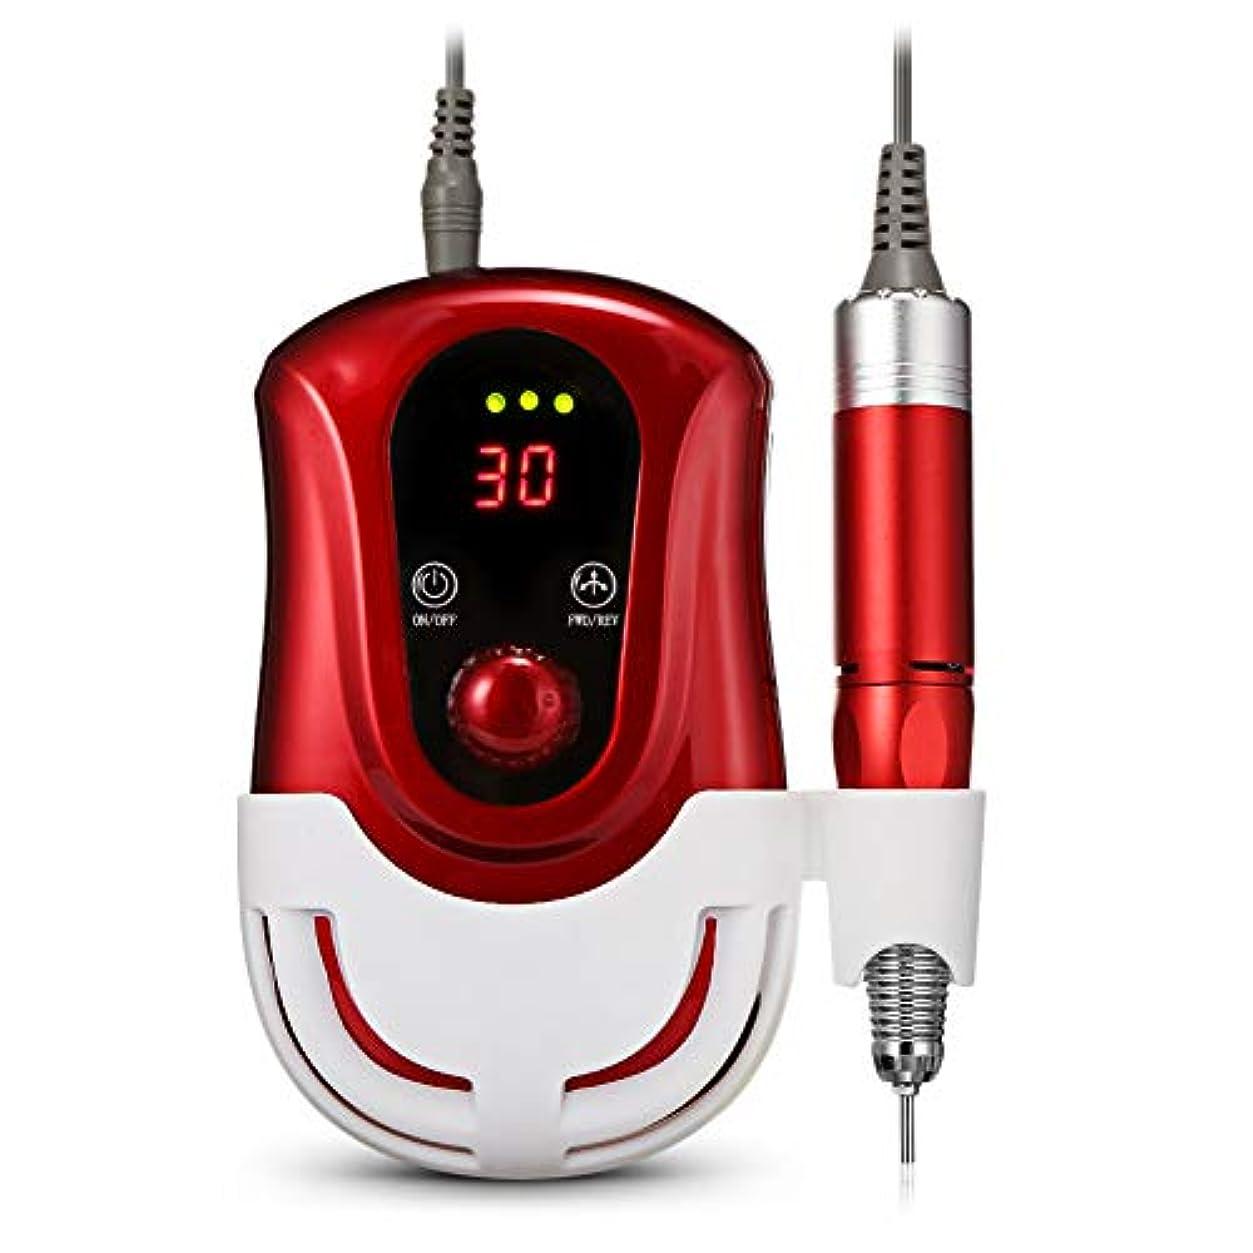 麻痺壮大なメイド68ワットプロフェッショナルネイル集塵機ネイルアート機器ネイル掃除機ダスト吸引機,Red